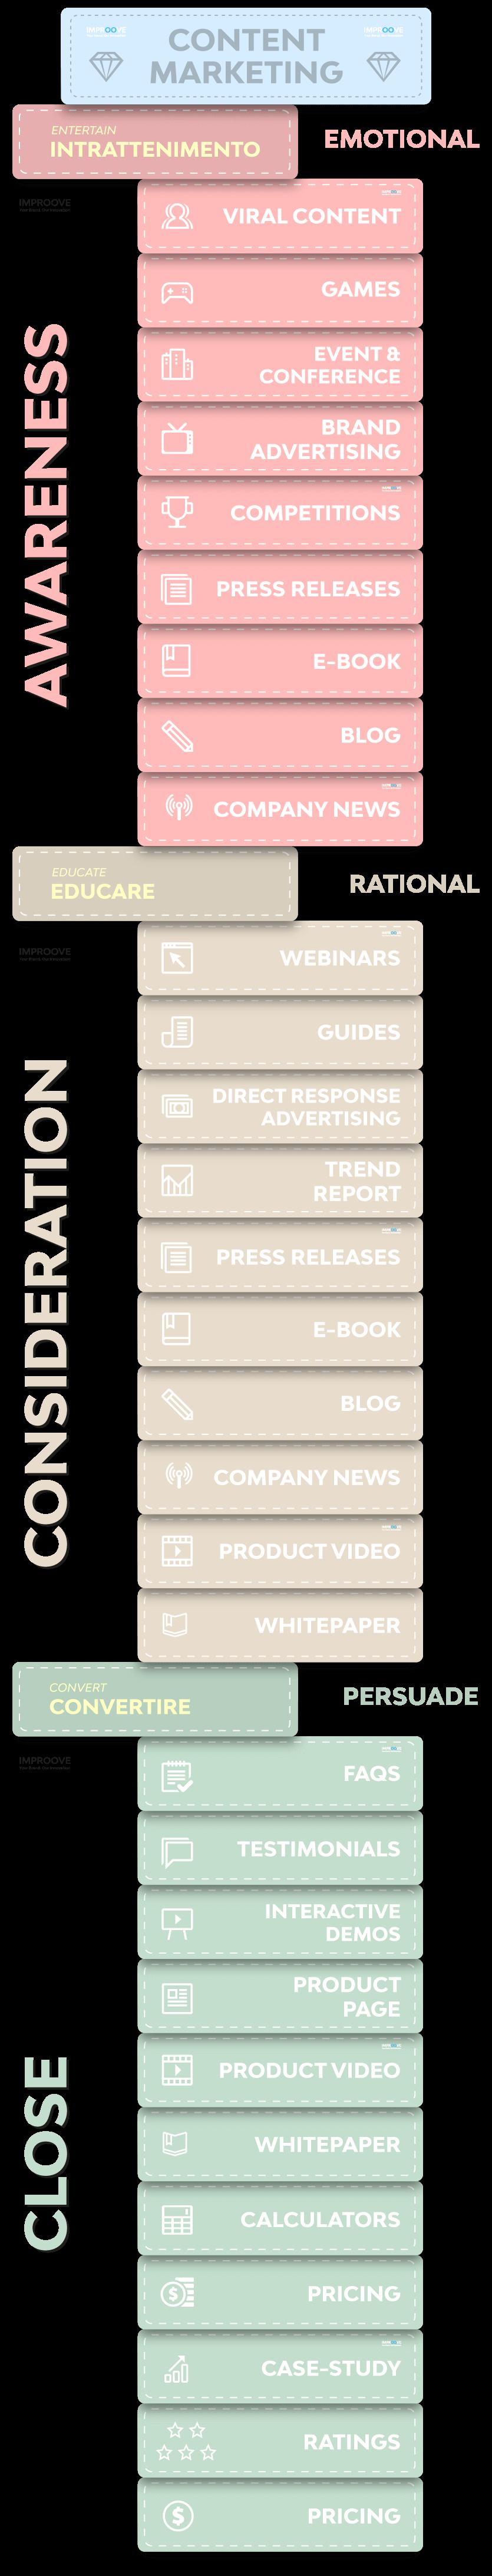 Flusso di Content Marketing - Strumenti e canali per generare conversioni.